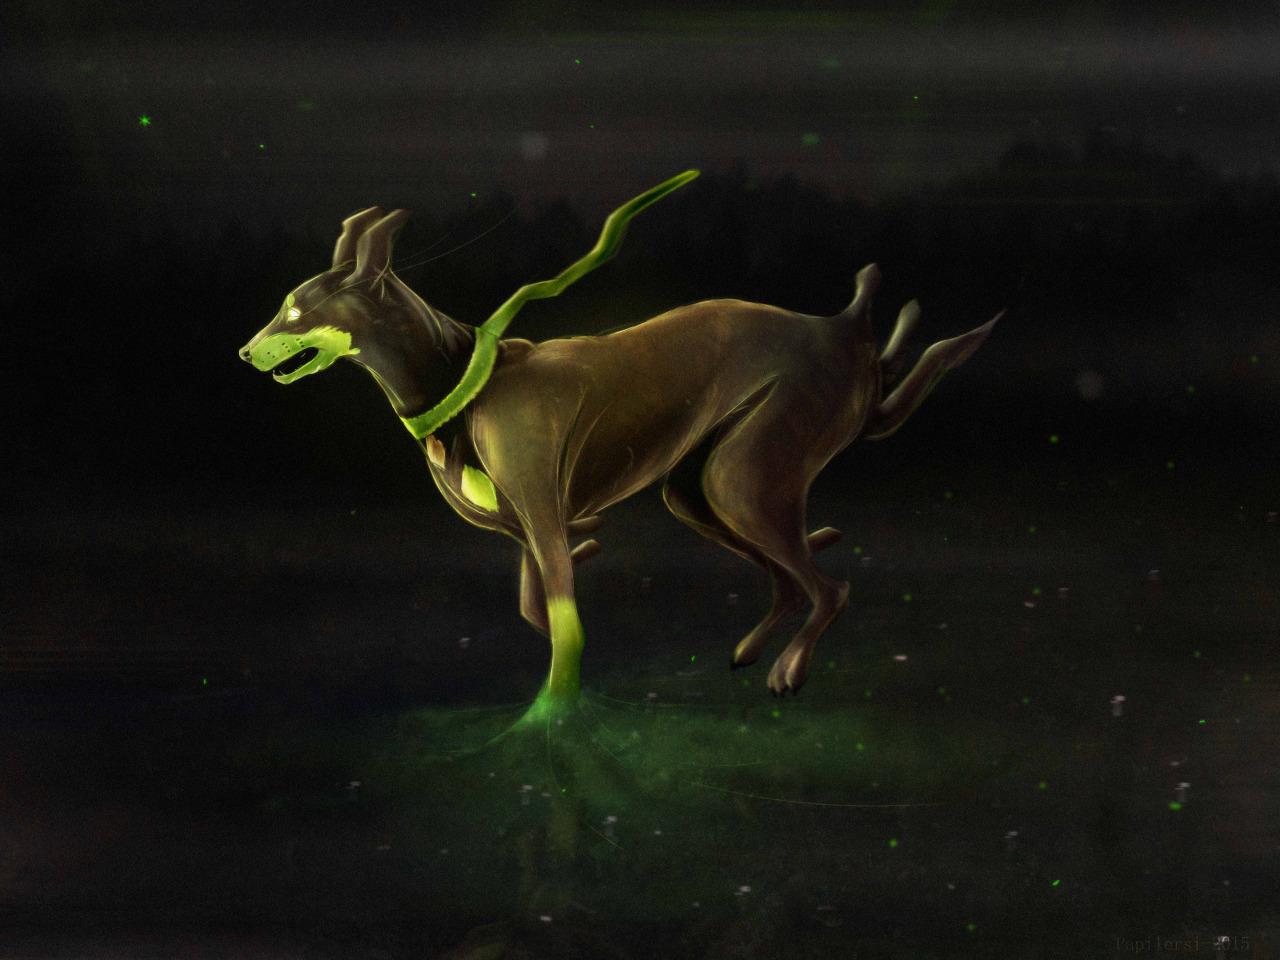 Zygarde Dog Form | Pokémon | Know Your Meme